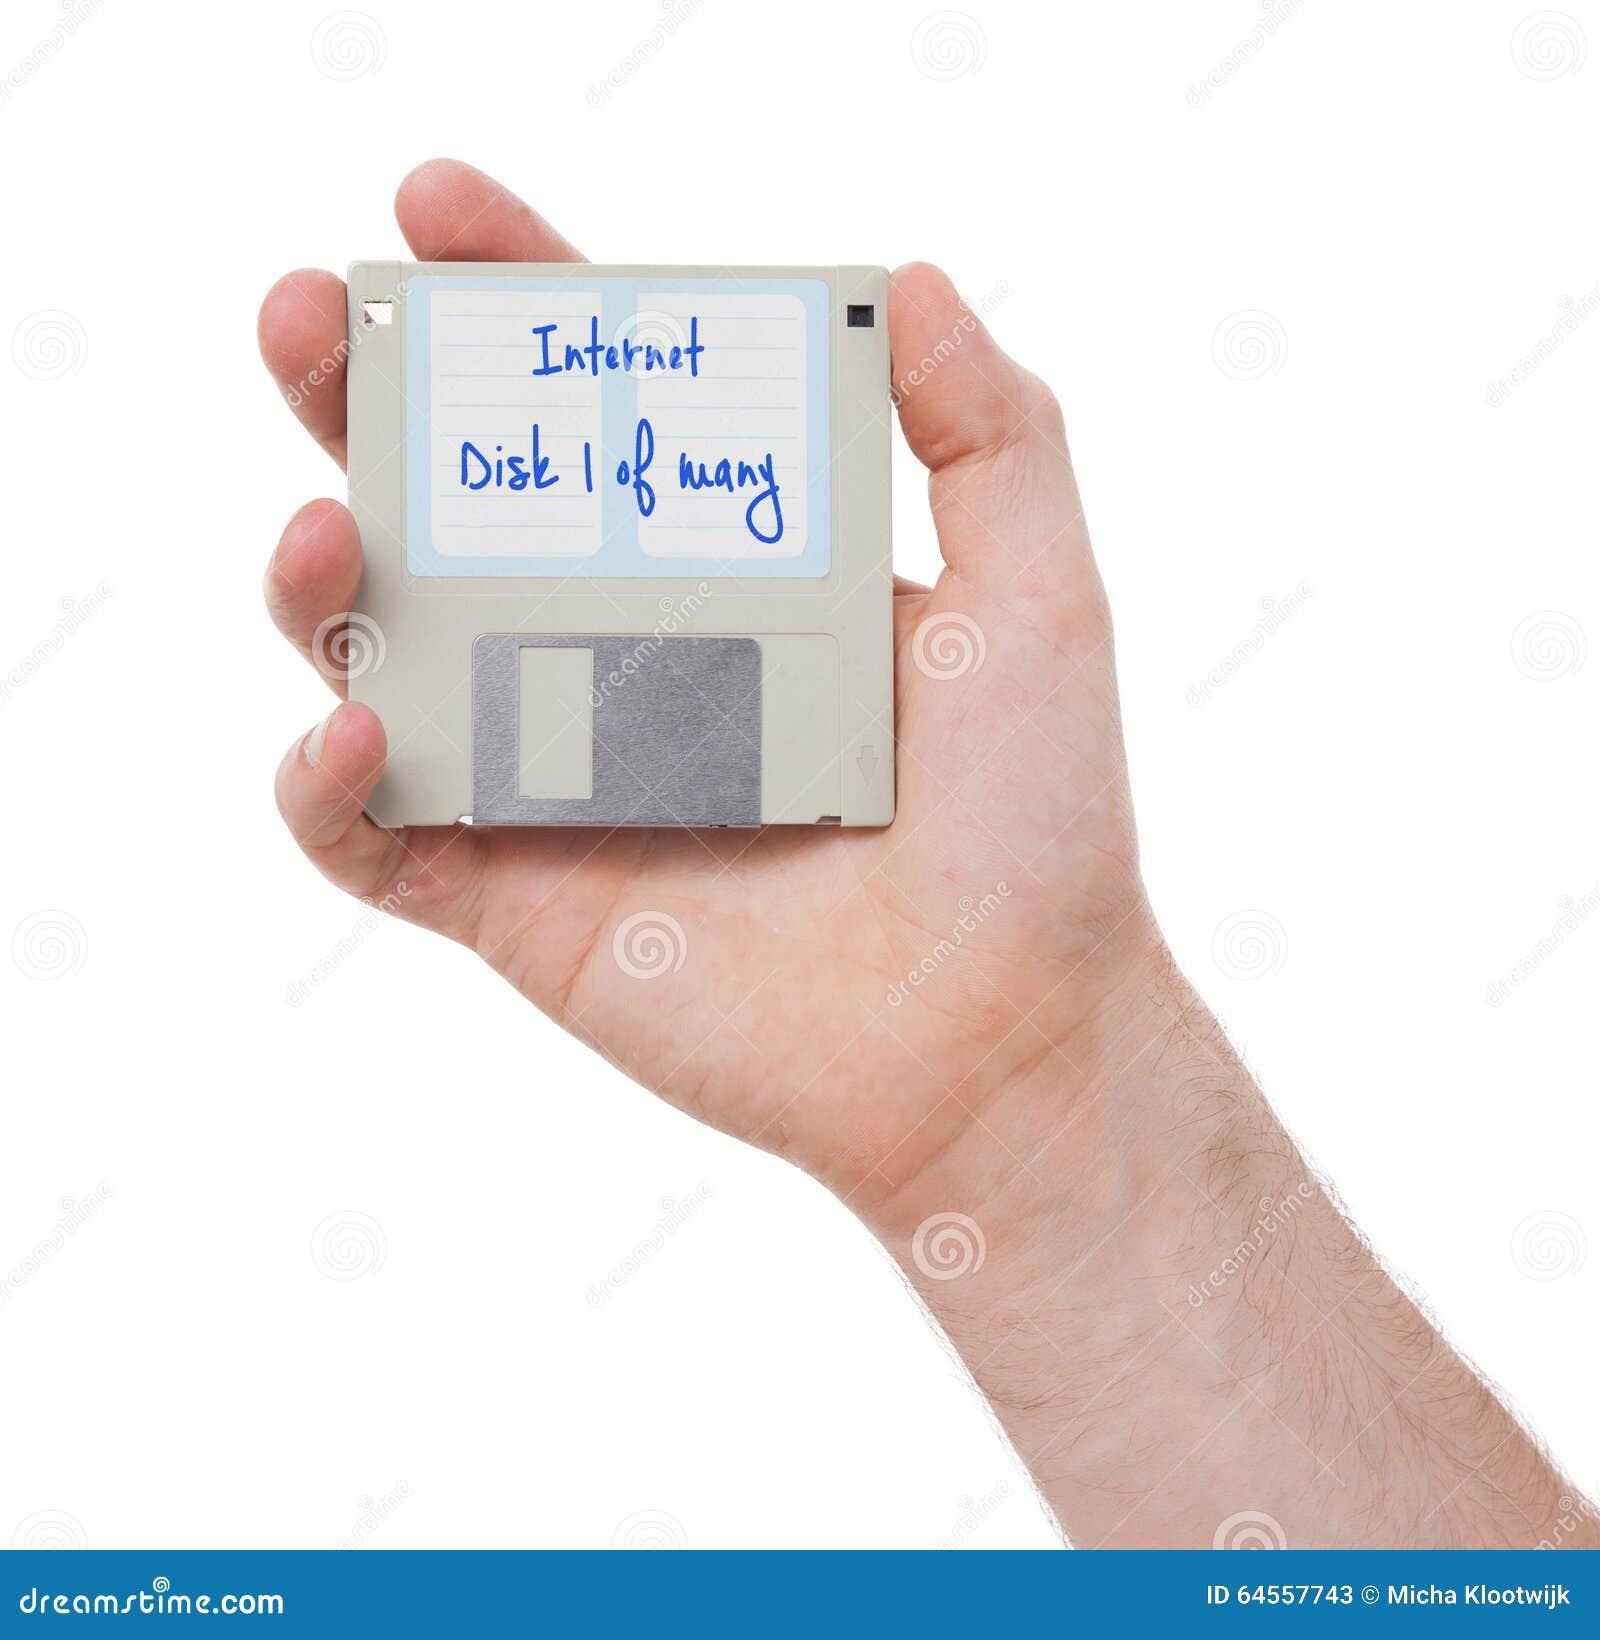 Floppy disk - Tachnology a partire dal passato, isolato su bianco